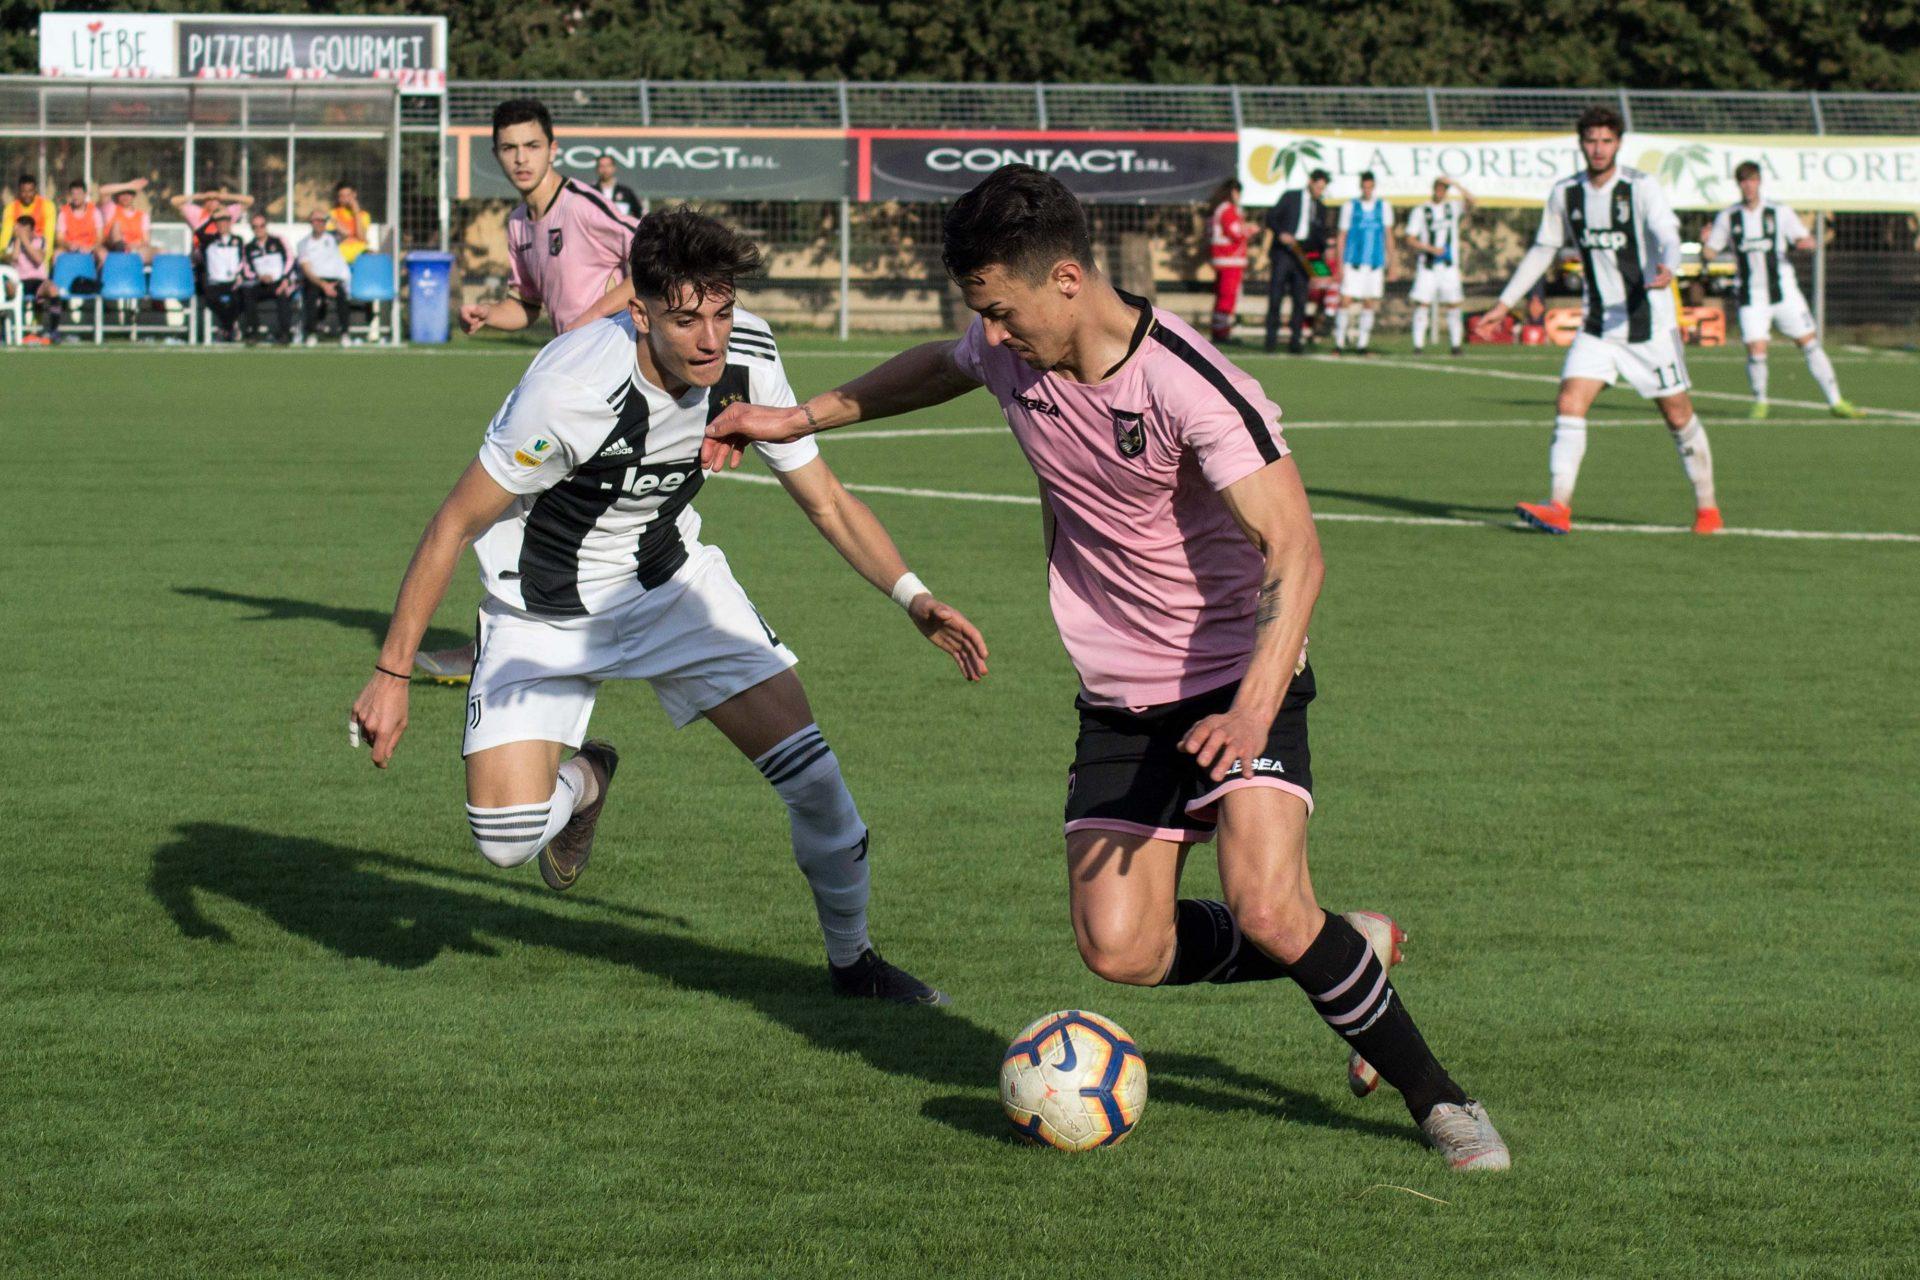 Calendario Arezzo Calcio.Palermo Al Via I Provini Per Il Settore Giovanile Ecco